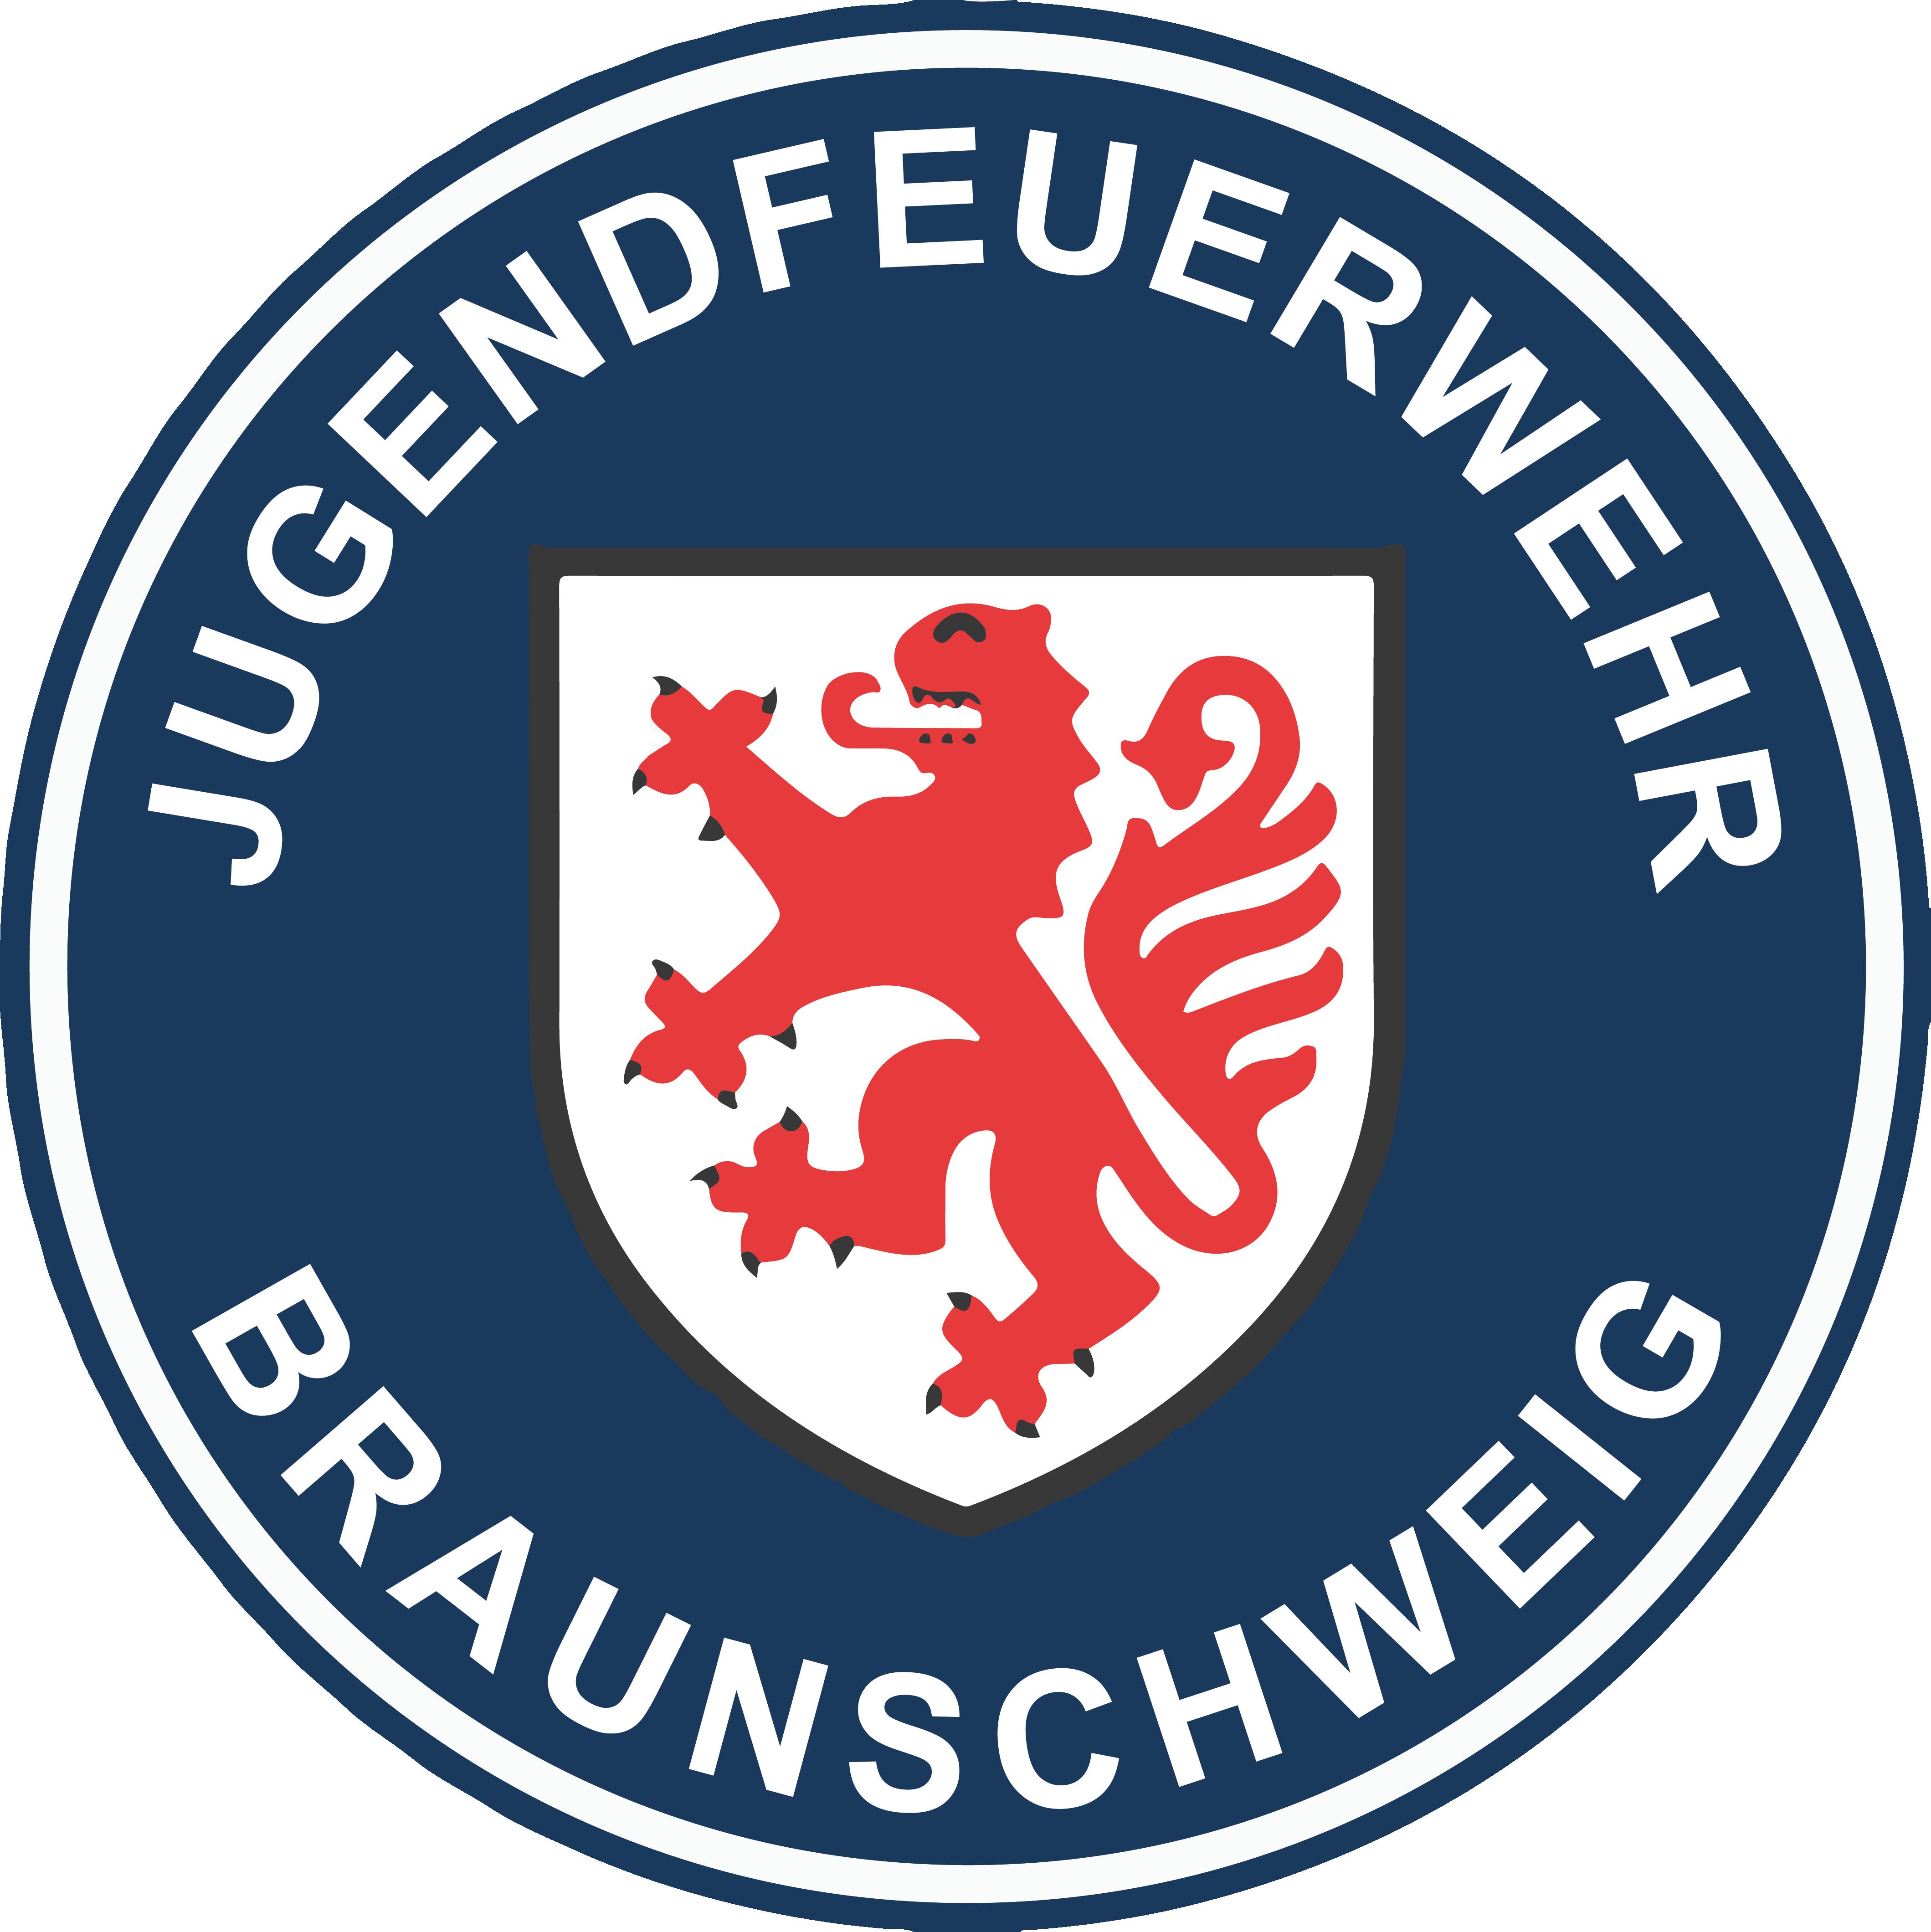 jf-braunschweig.de